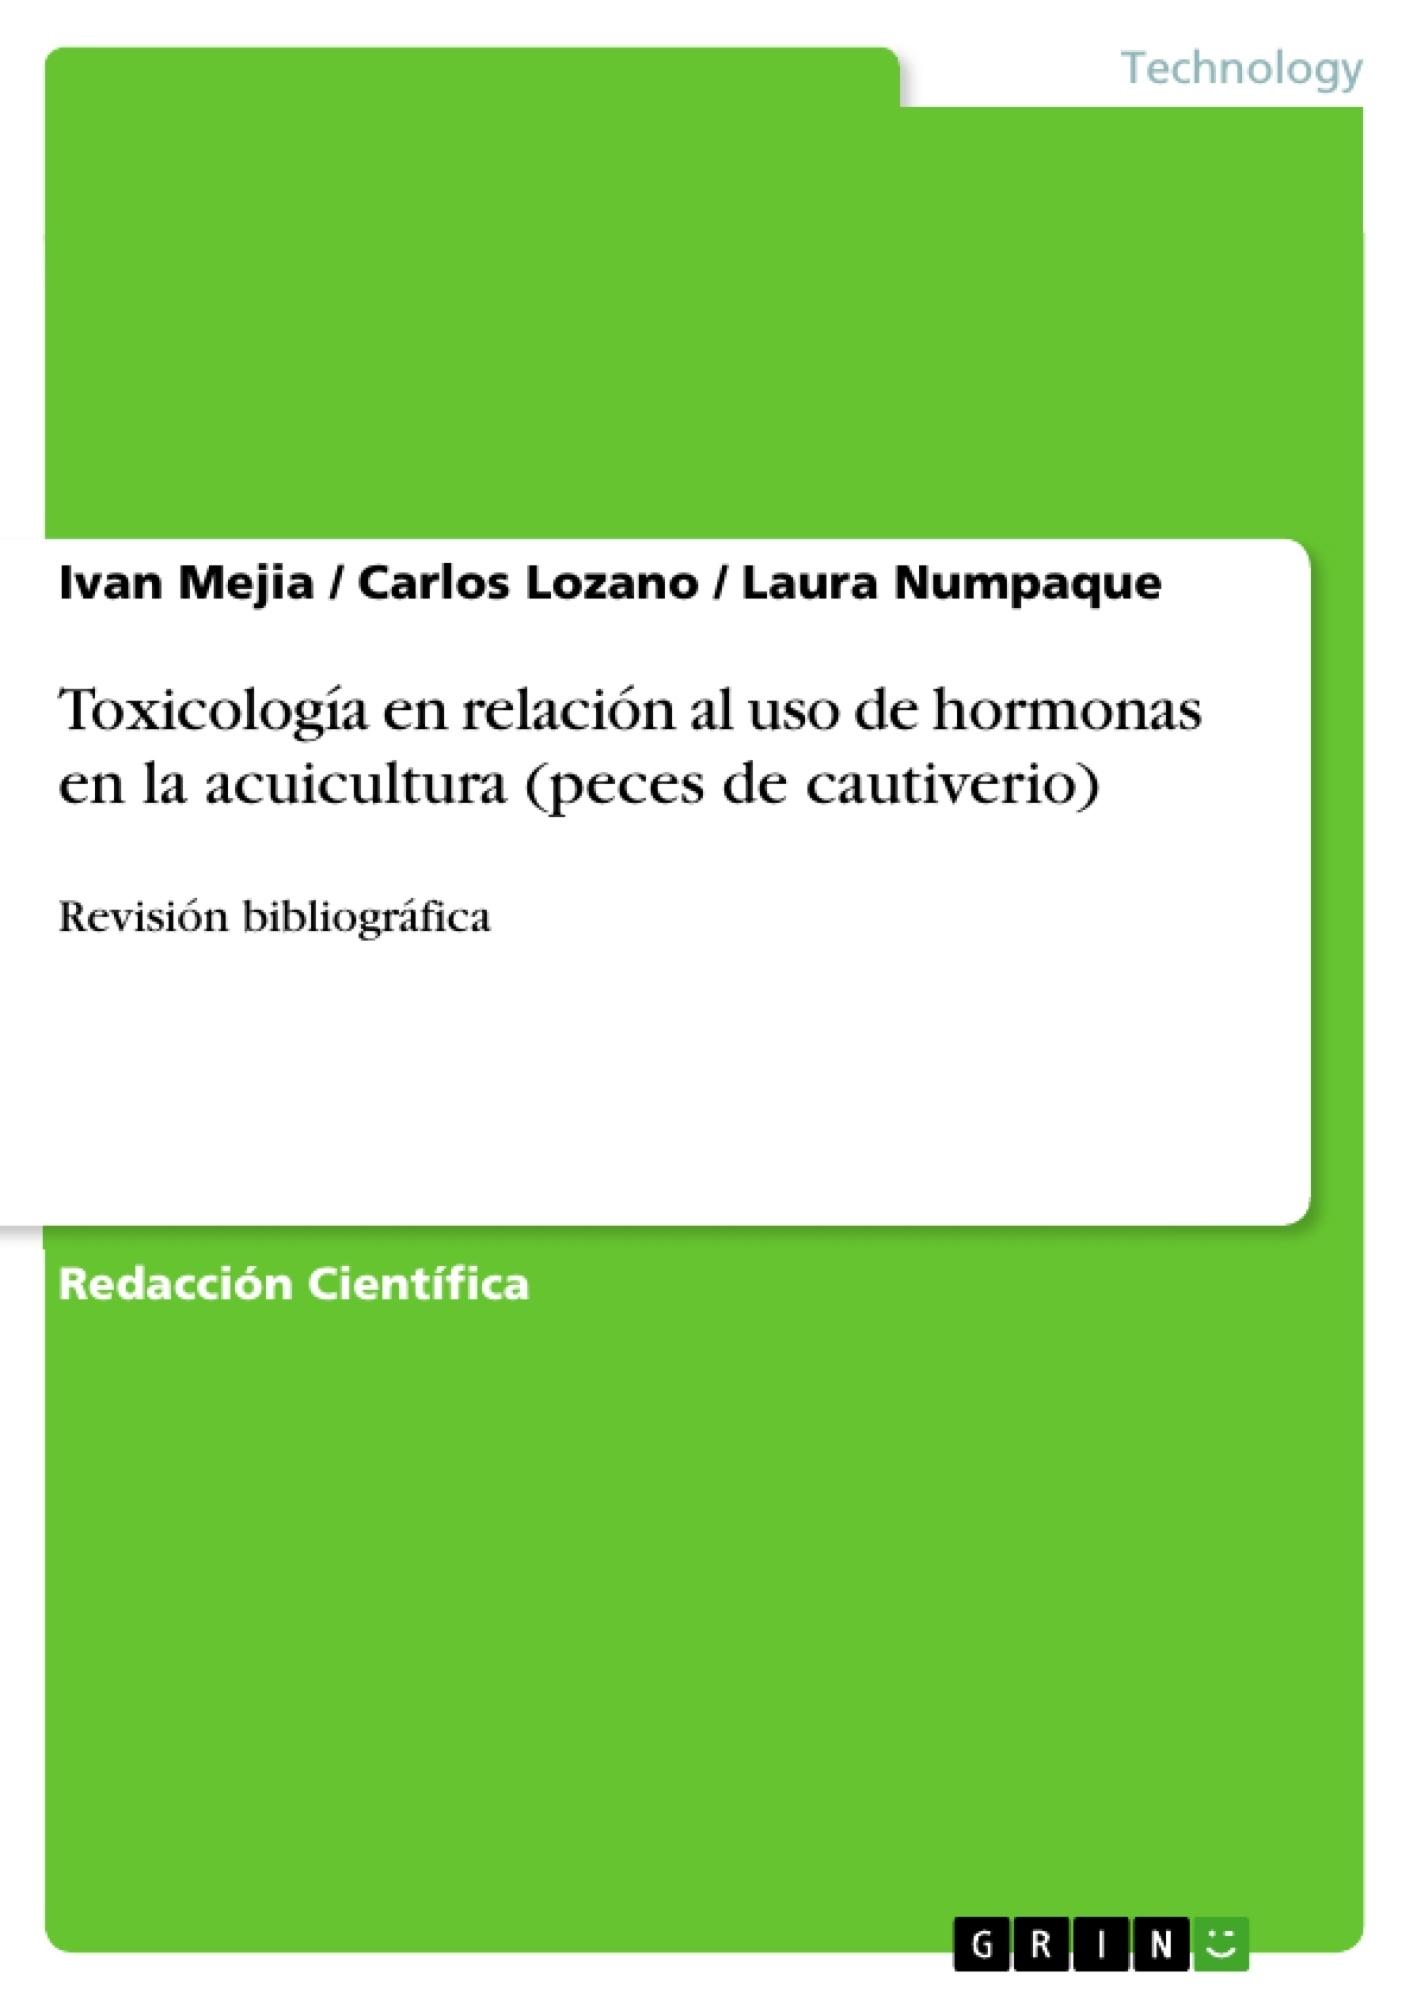 Título: Toxicología en relación al uso de hormonas en la acuicultura (peces de cautiverio)